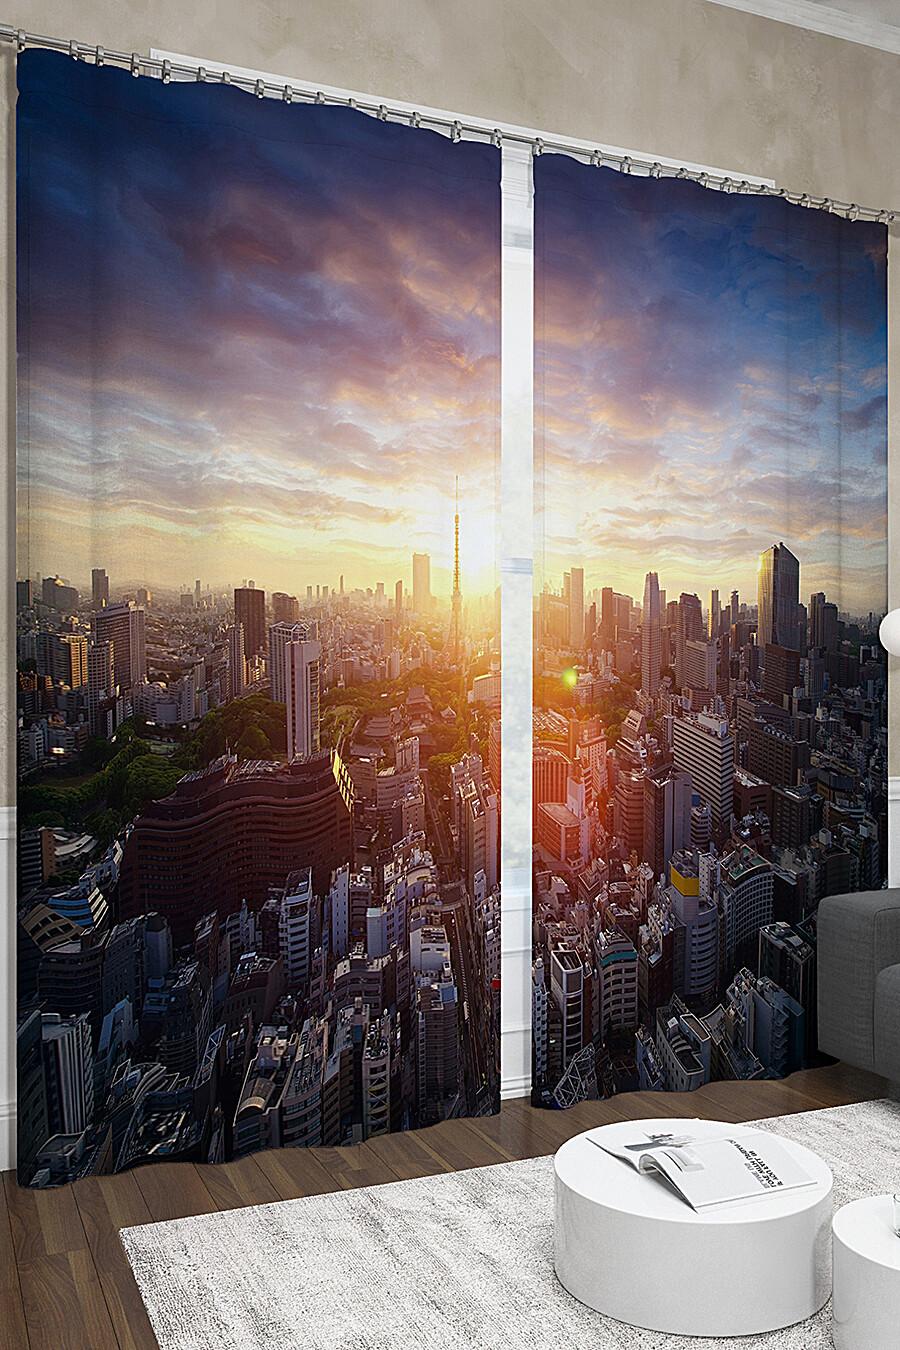 Фотошторы для дома ART HOME TEXTILE 123551 купить оптом от производителя. Совместная покупка товаров для дома в OptMoyo